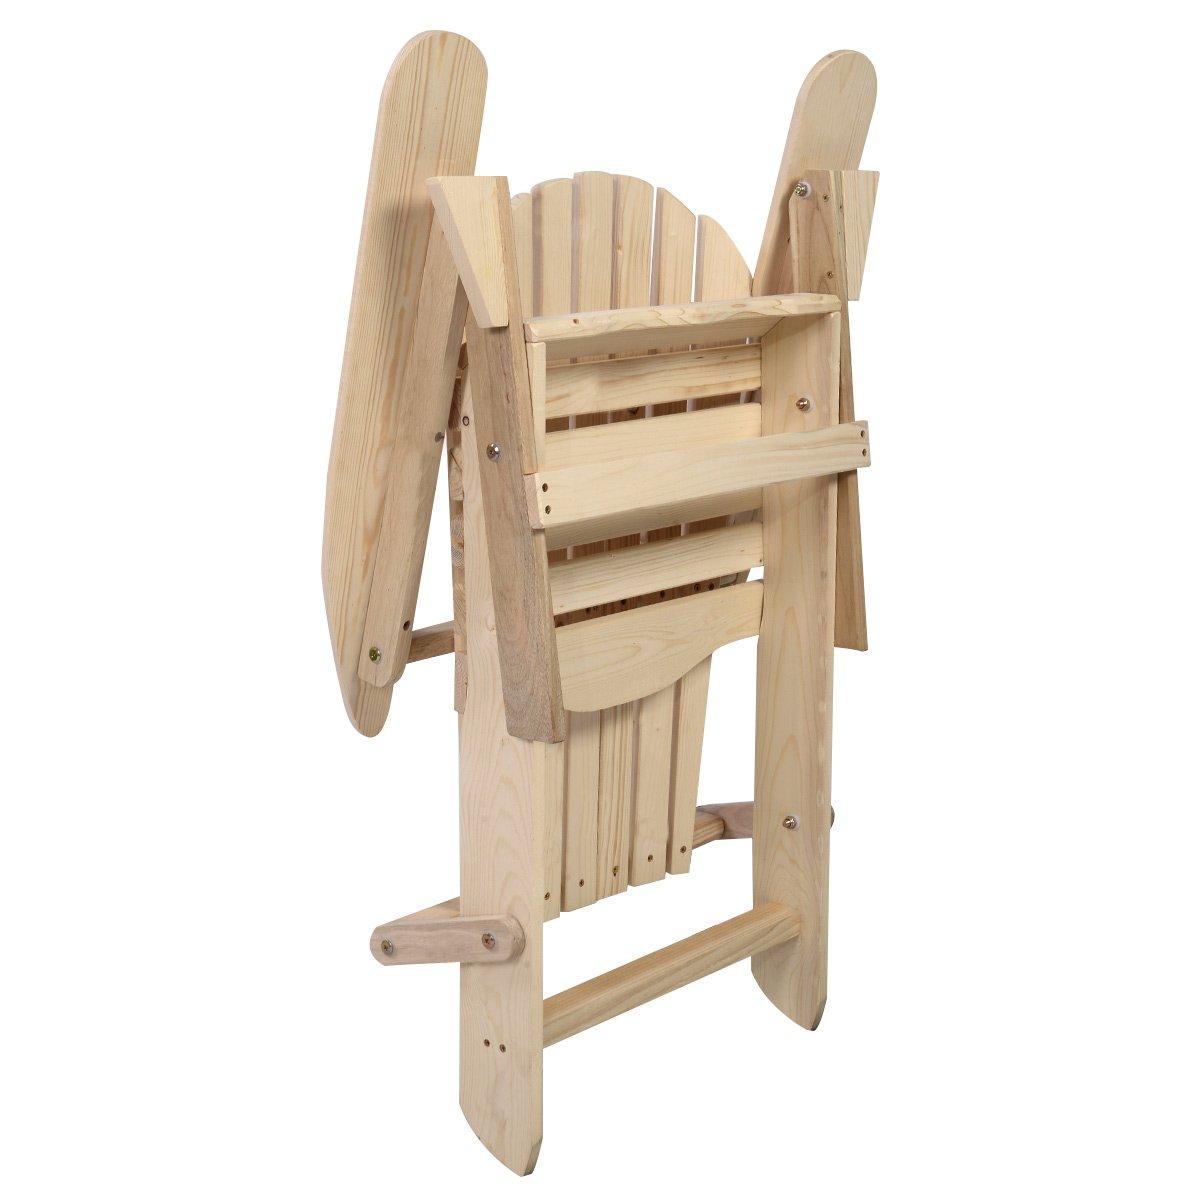 Giantex New Outdoor Foldable Fir Wood Adirondack Chair Patio Deck Garden Furniture ¡ (wood)